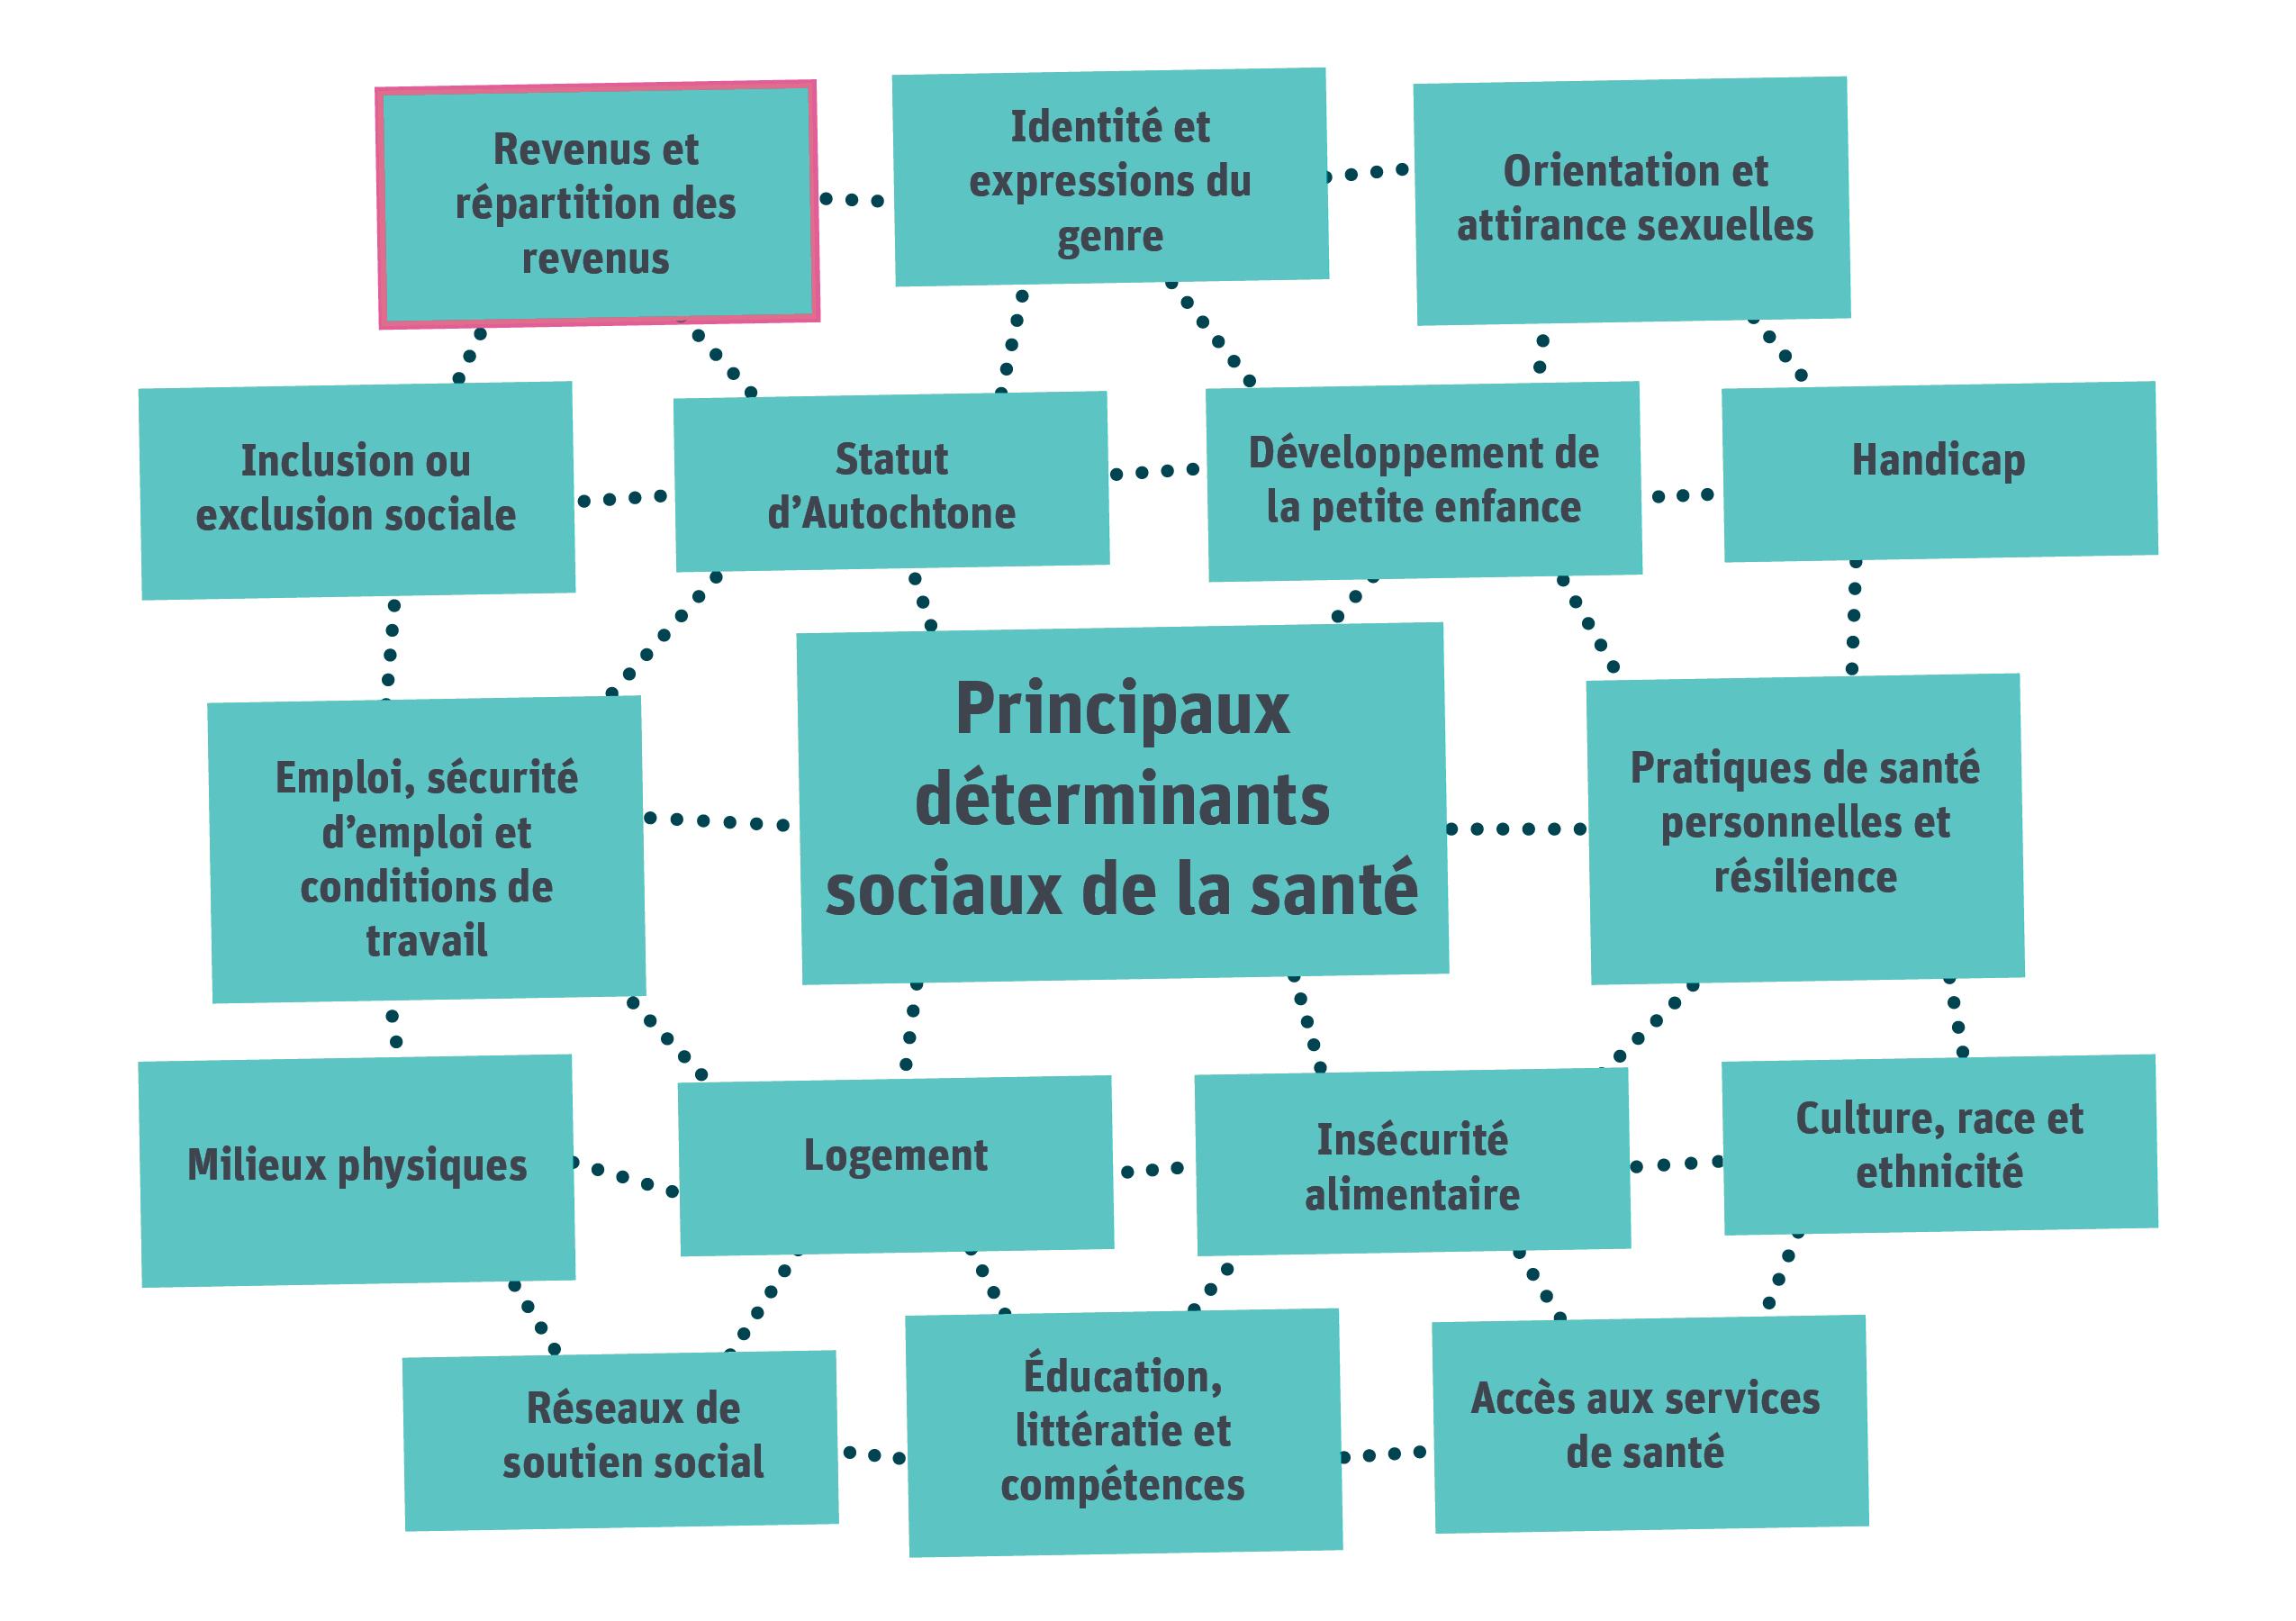 La figure 1 montre le rapport qui existe entre les déterminants sociaux de la santé. Les revenus et la répartition des revenus sont soulignés comme étant le point central du présent rapport. Les principaux déterminants sociaux de la santé sont illustrés ci-après.